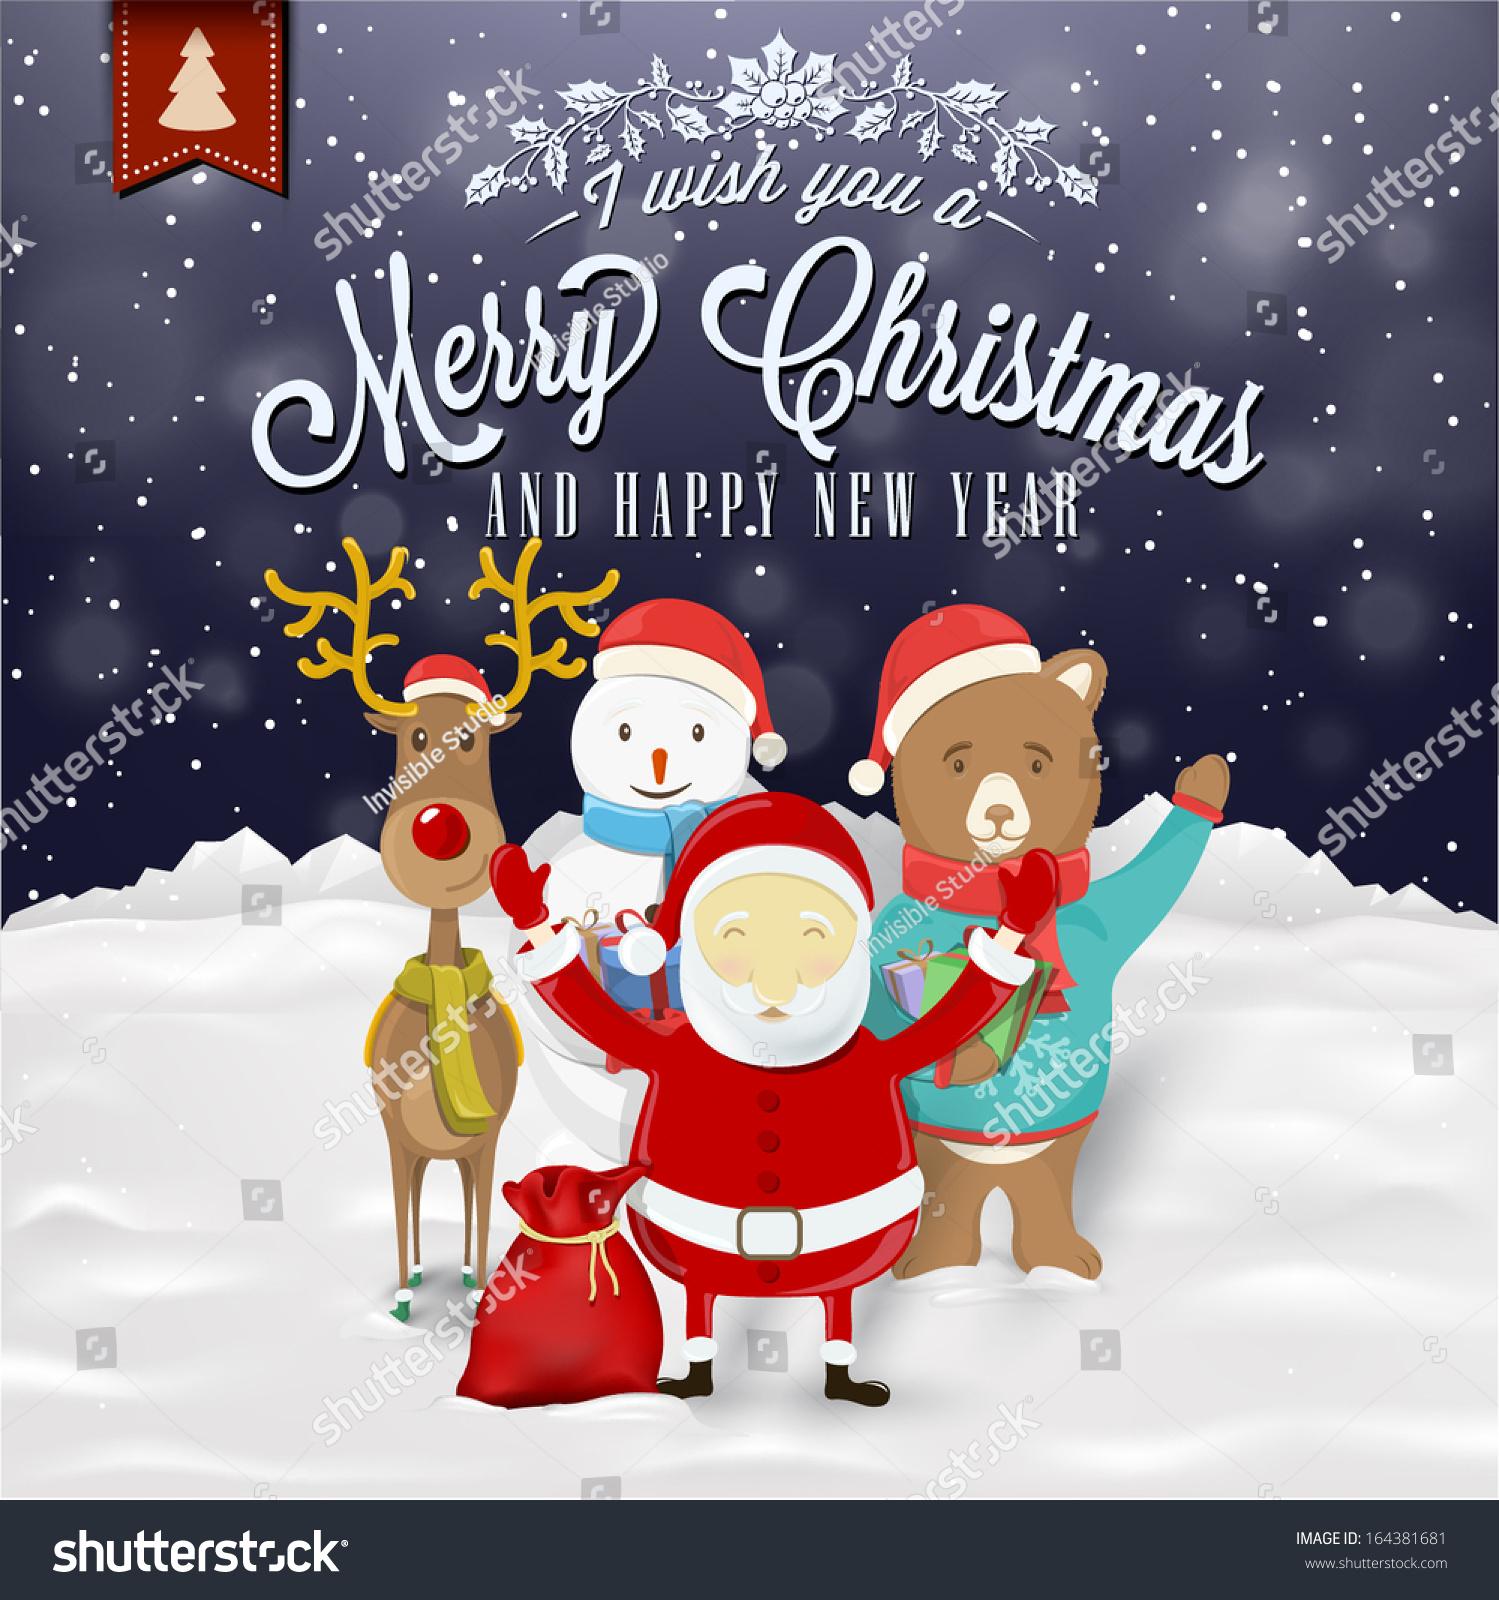 Funny Christmas Greeting Card Santa Claus Stock Vector Royalty Free